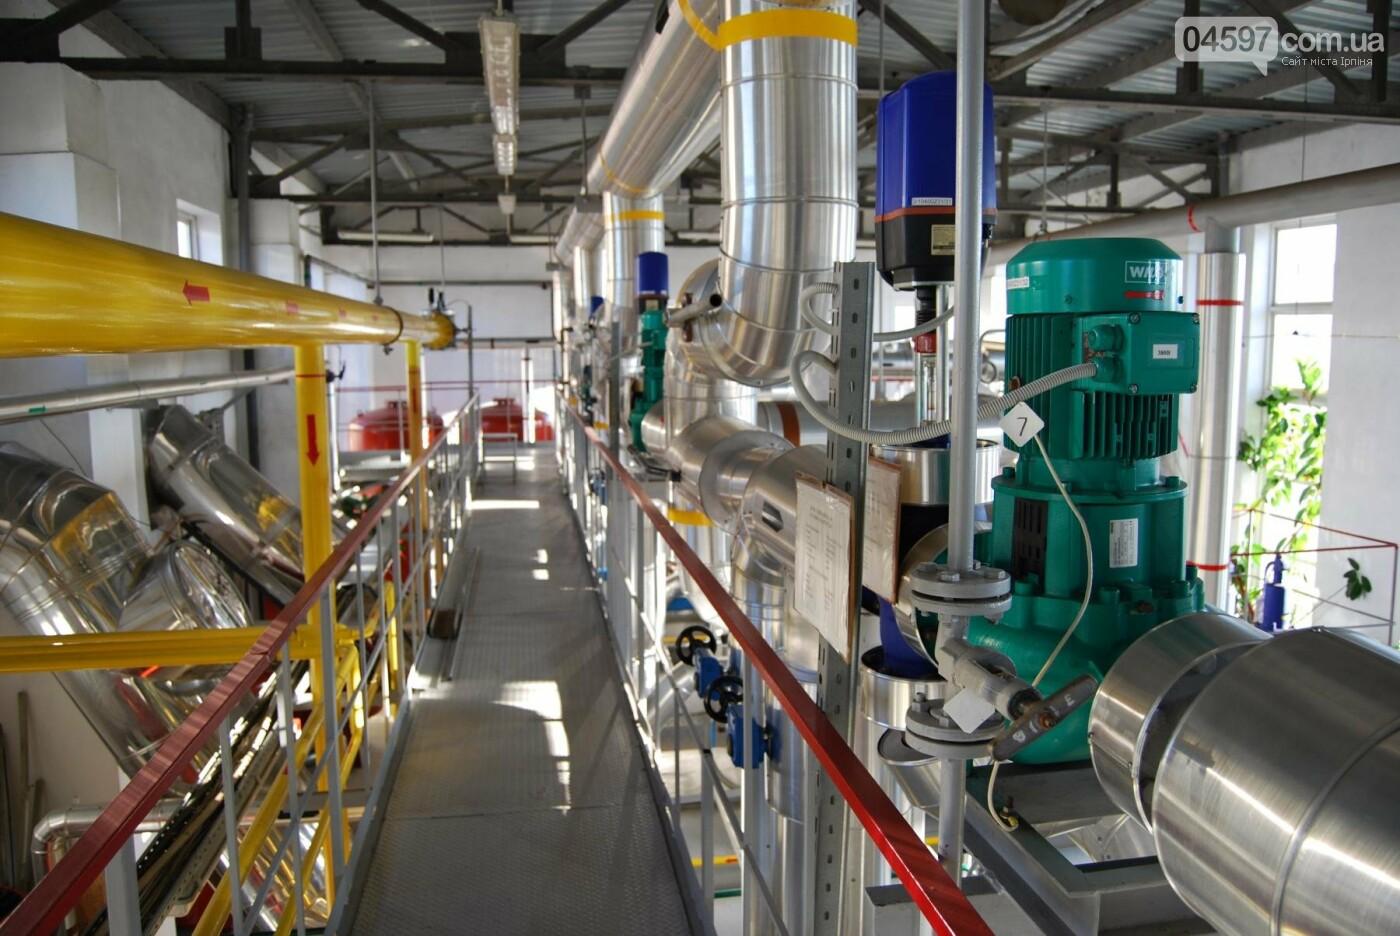 Теплокомунсервіс: від збиткового підприємства до флагмана галузі теплопостачання в регіоні, фото-3